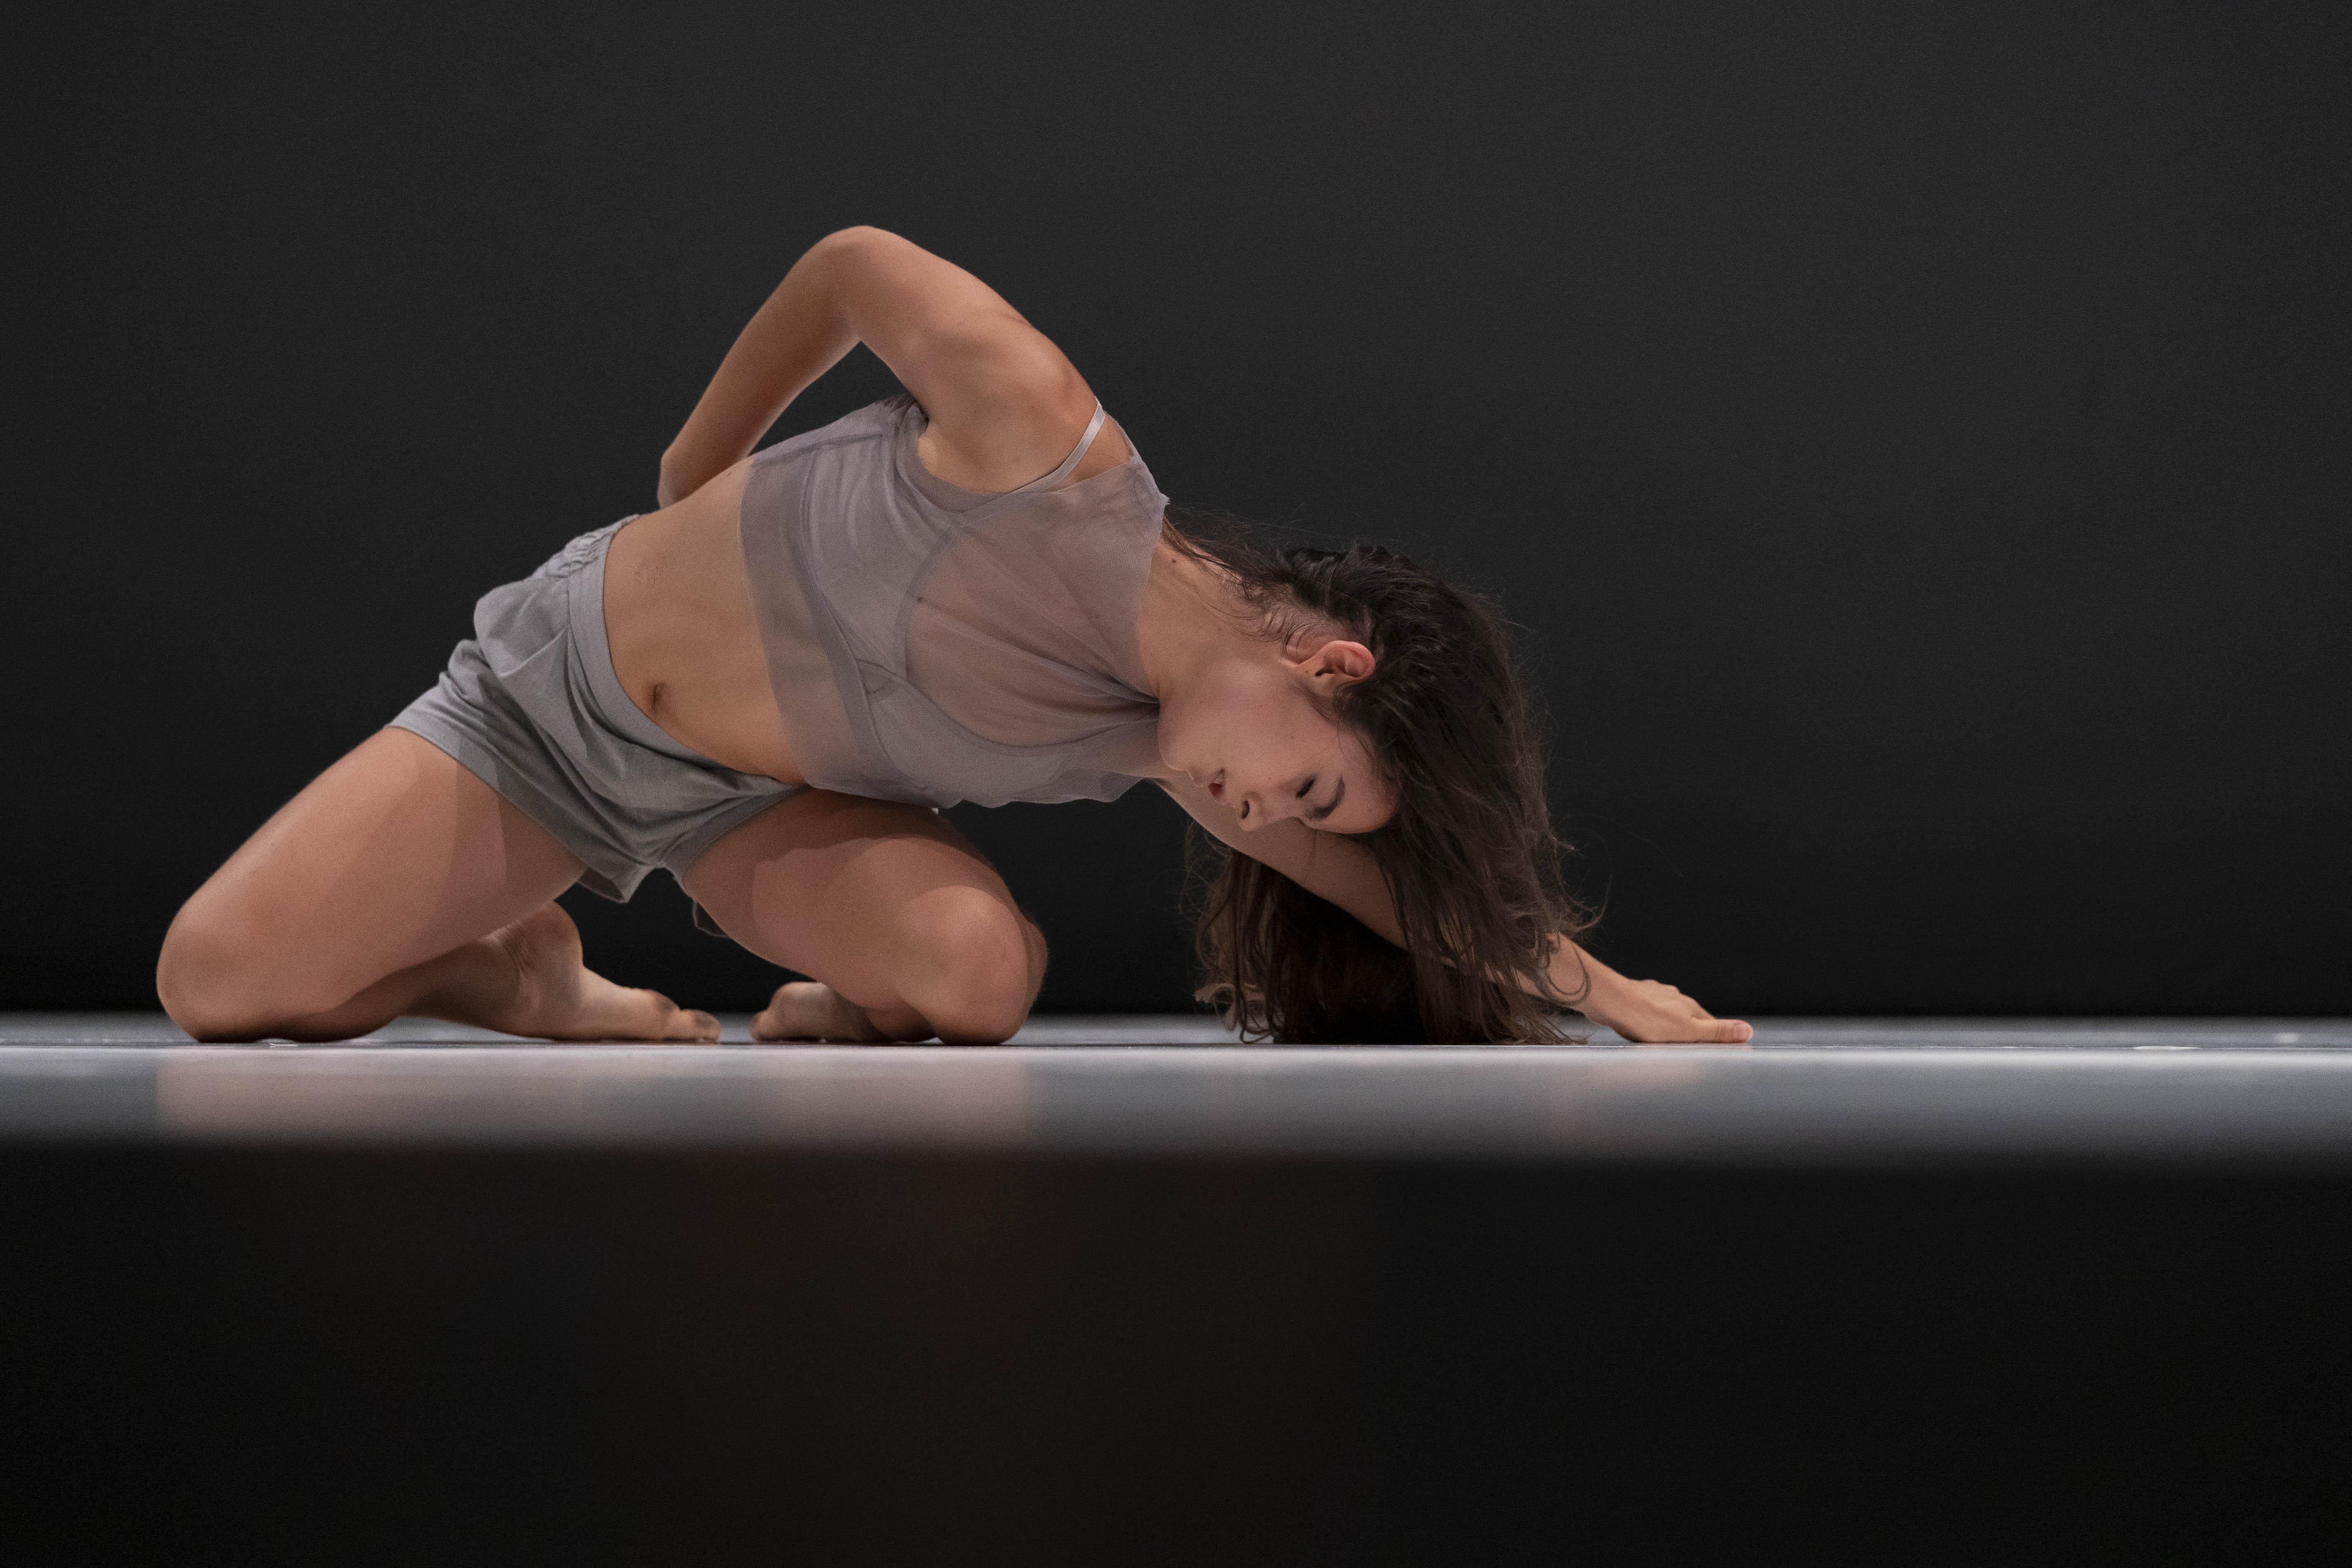 Lava Compañía de Danza estrena sus nuevas piezas de coreógrafos en el Auditorio de Tenerife